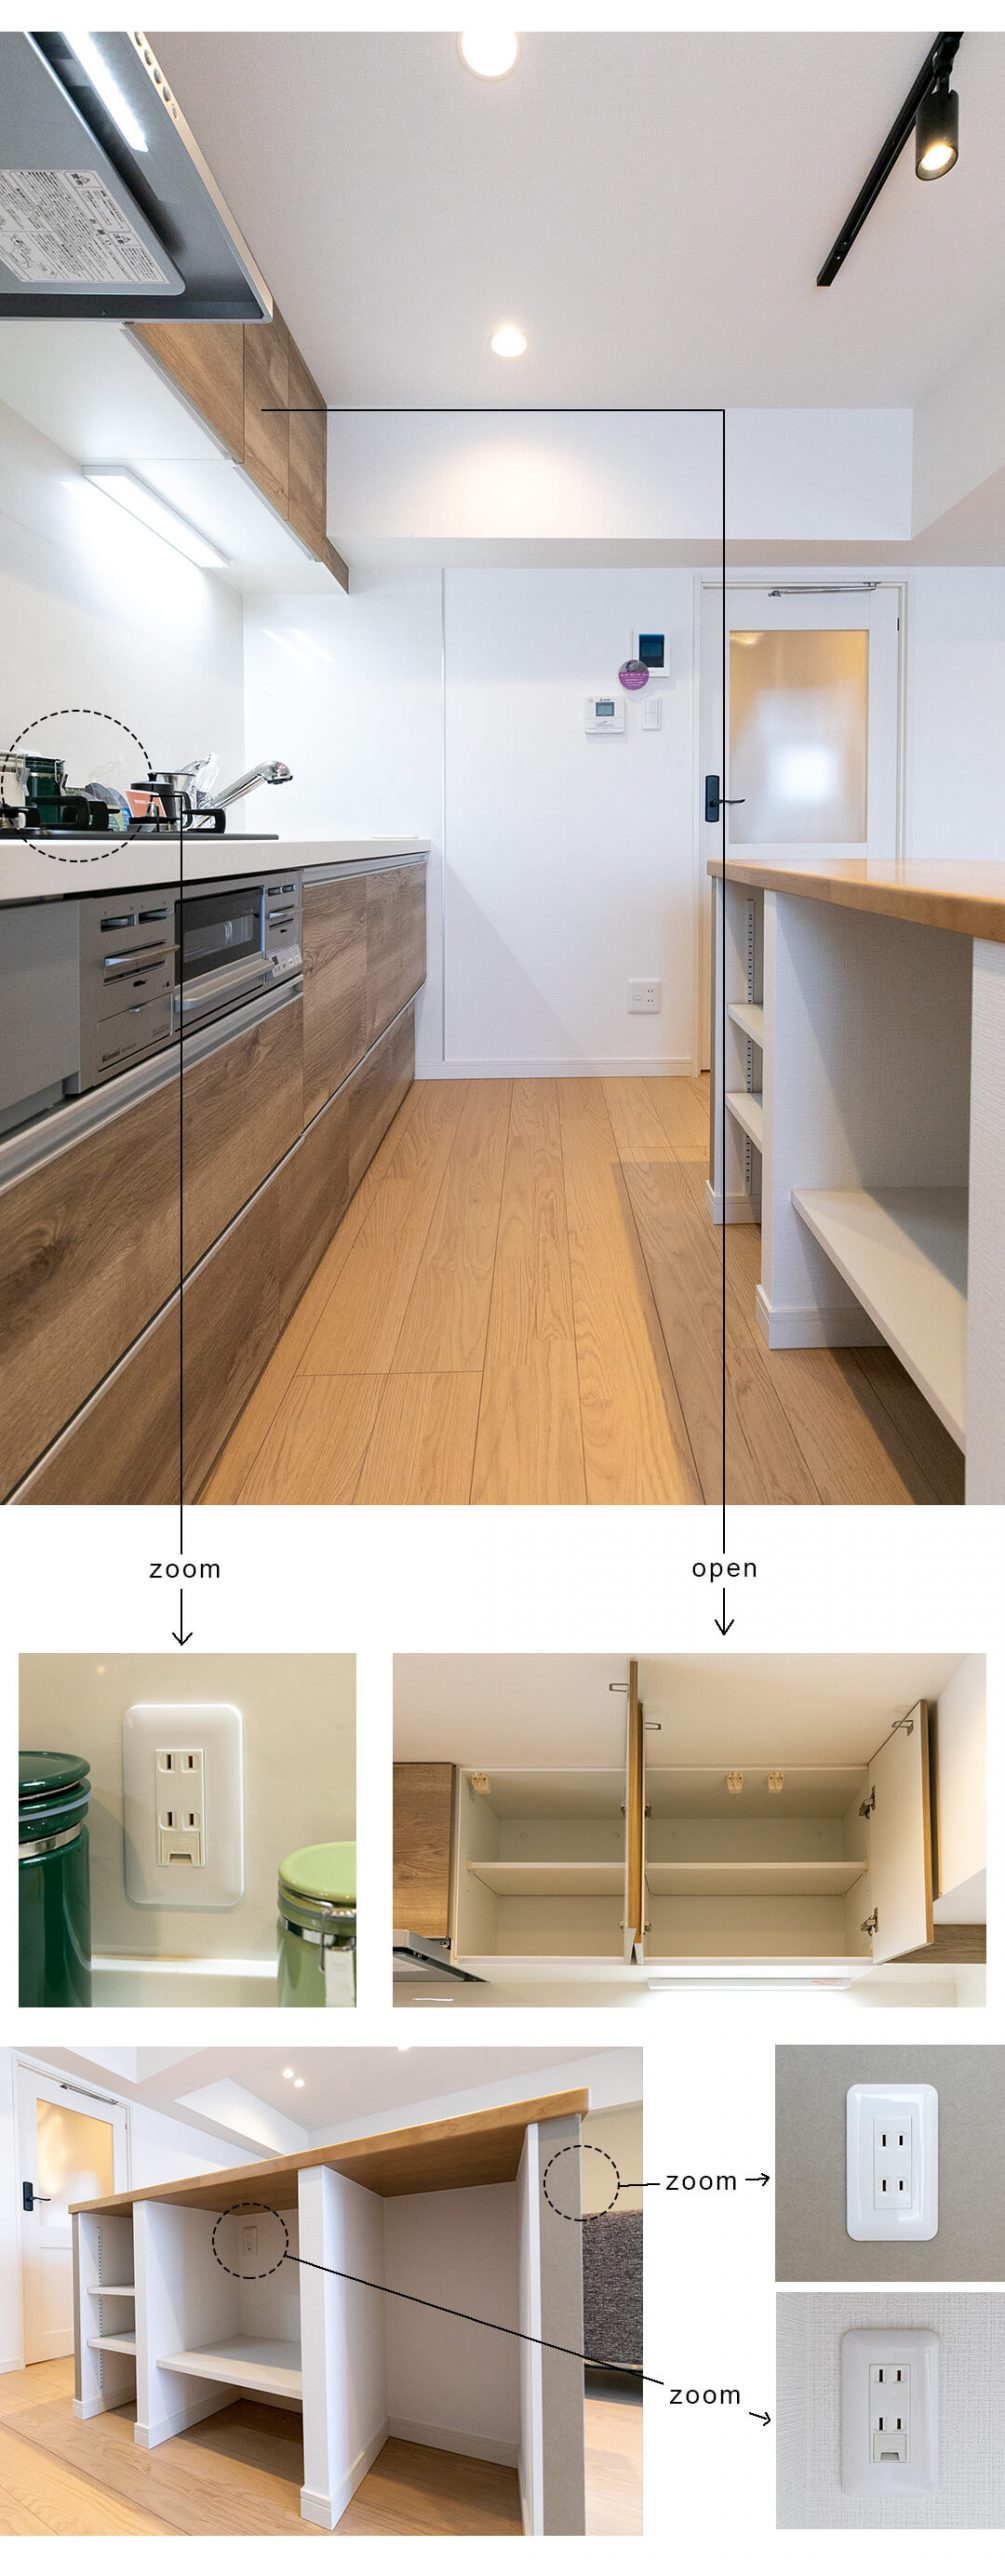 ライオンズマンション大森 1410のキッチン